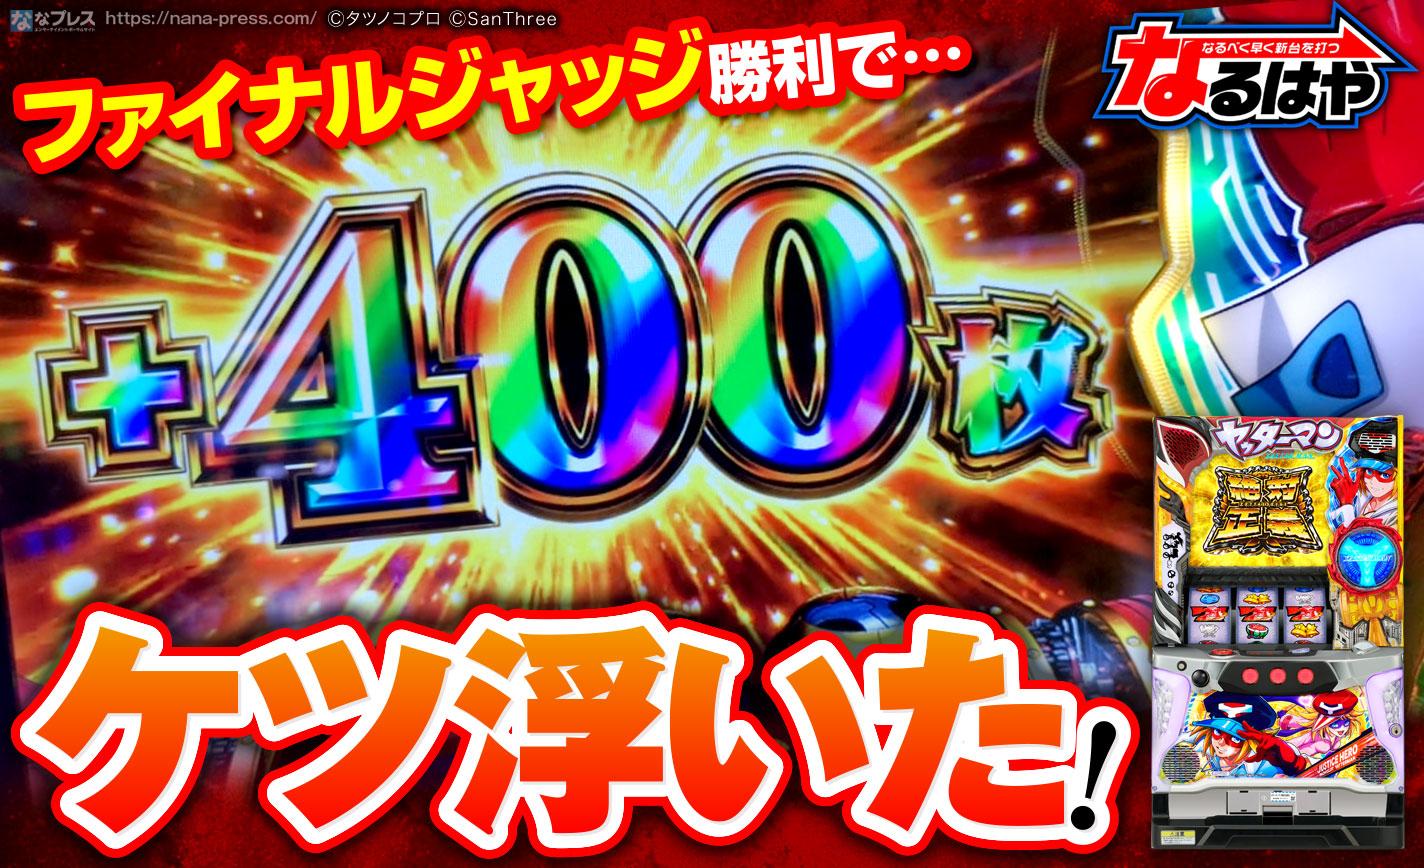 【ヤッターマン絶対正義】ファイナルジャッジ勝利で400枚上乗せ!初打ちの感想は「当たりやすいライトな聖闘士星矢」 eyecatch-image